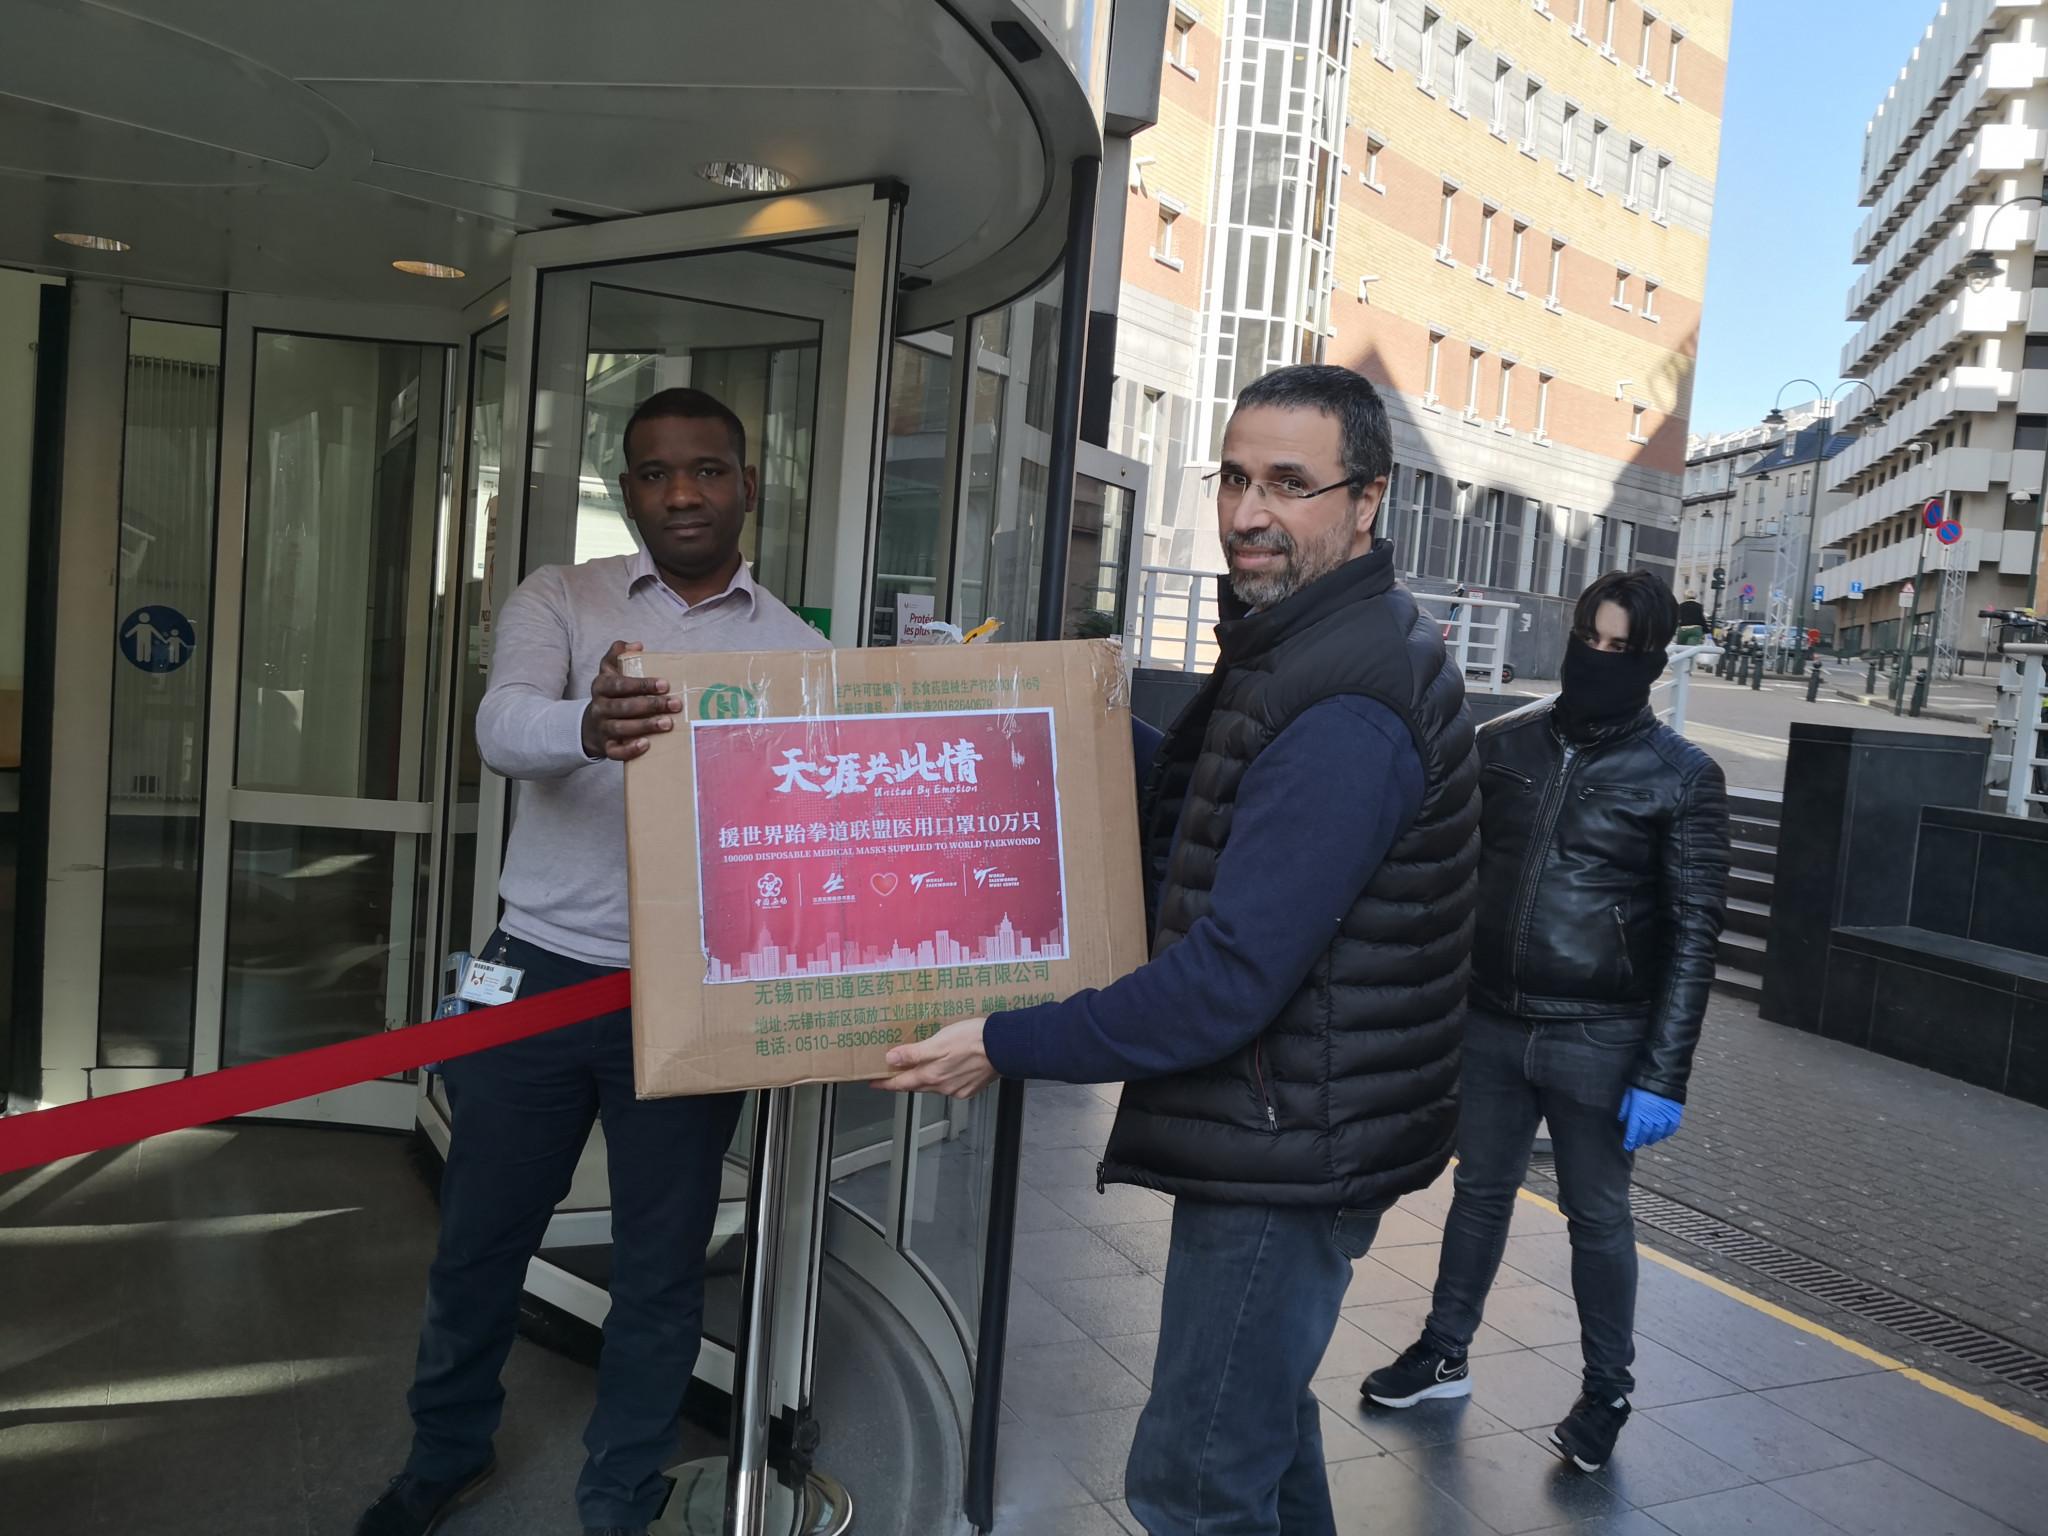 Belgian Taekwondo Federation donates masks to Brussels hospital